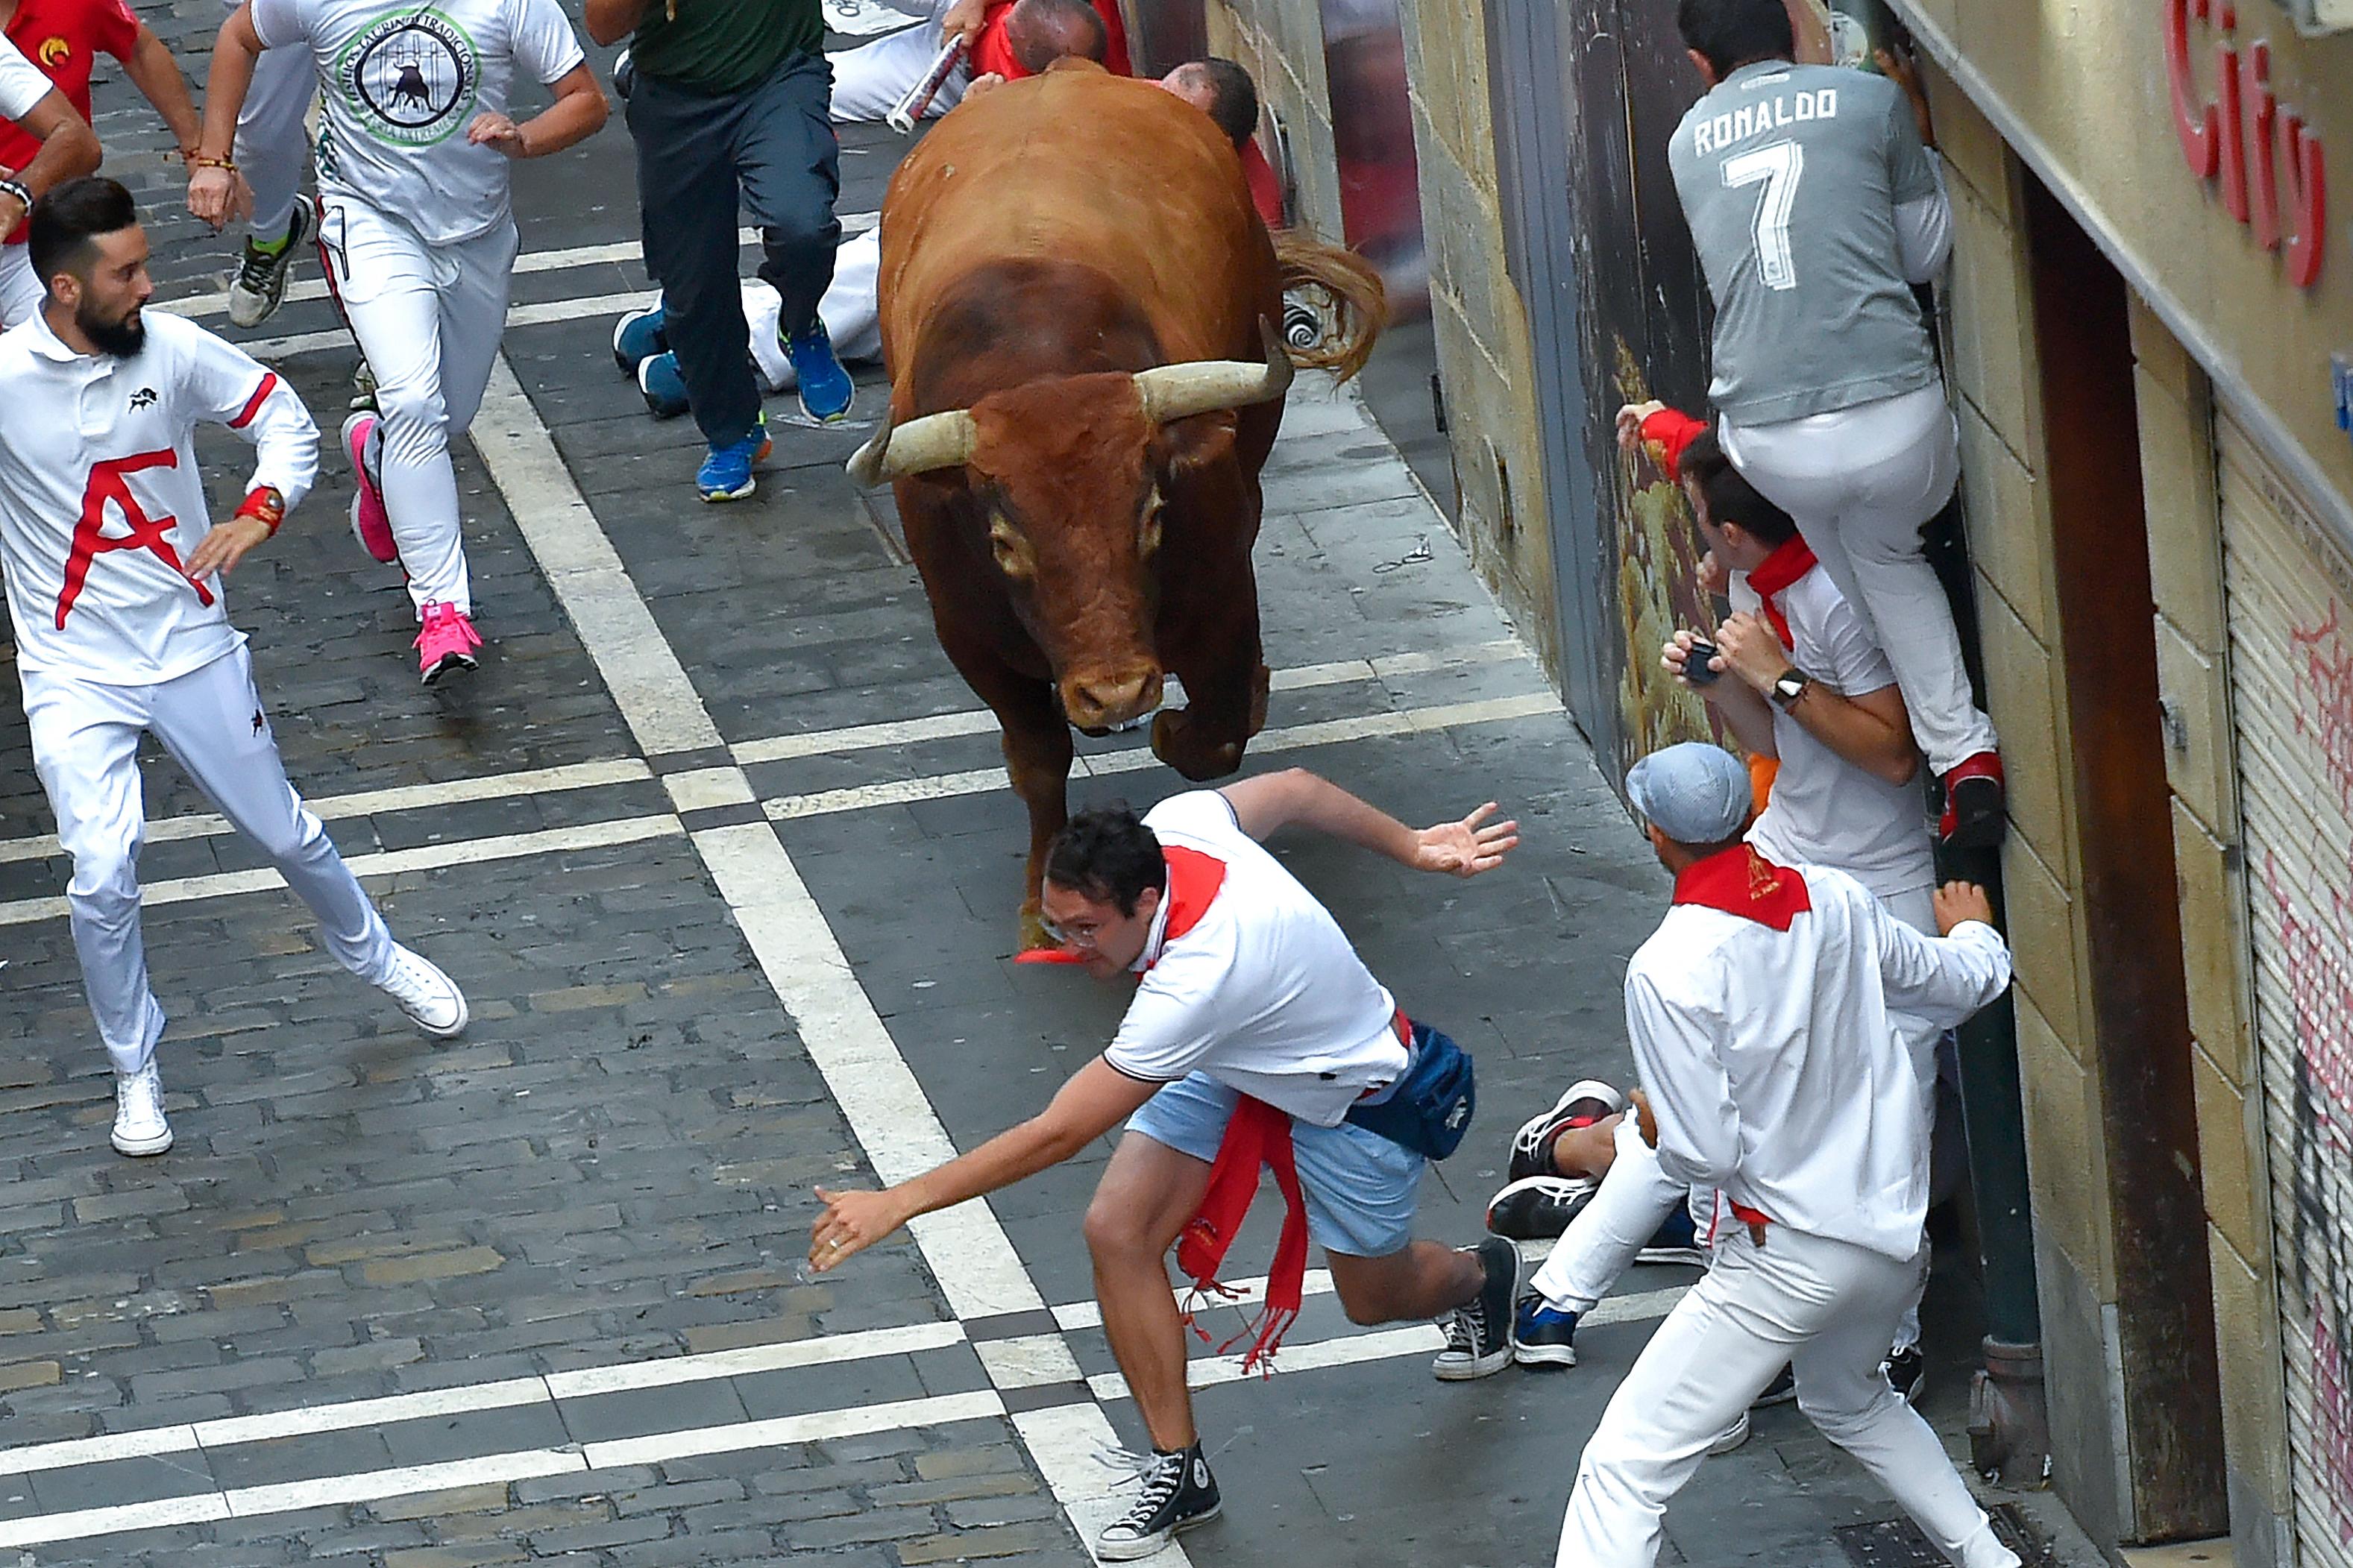 Los toros rezagados suelen desorientarse y se abalanzan contra la gente con más frecuencia